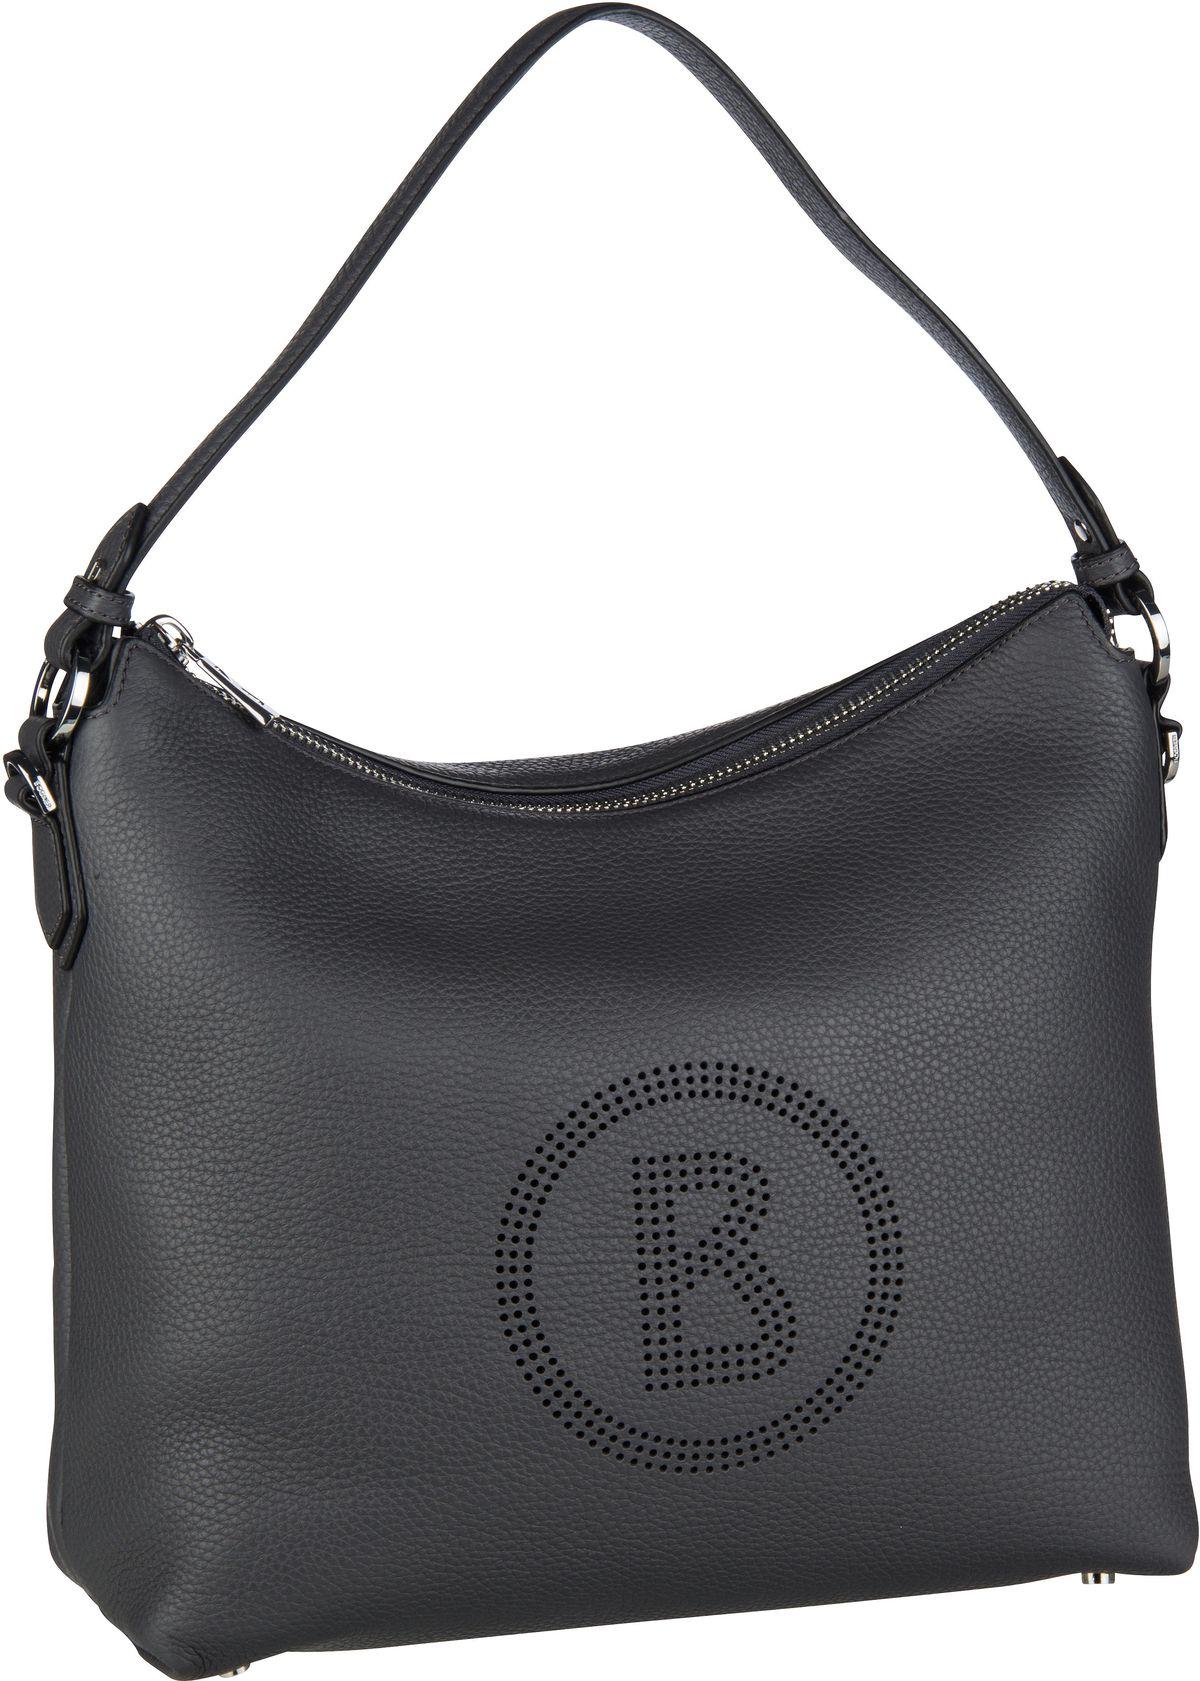 Handtasche Sulden Marie Hobo MHZ Dark Grey